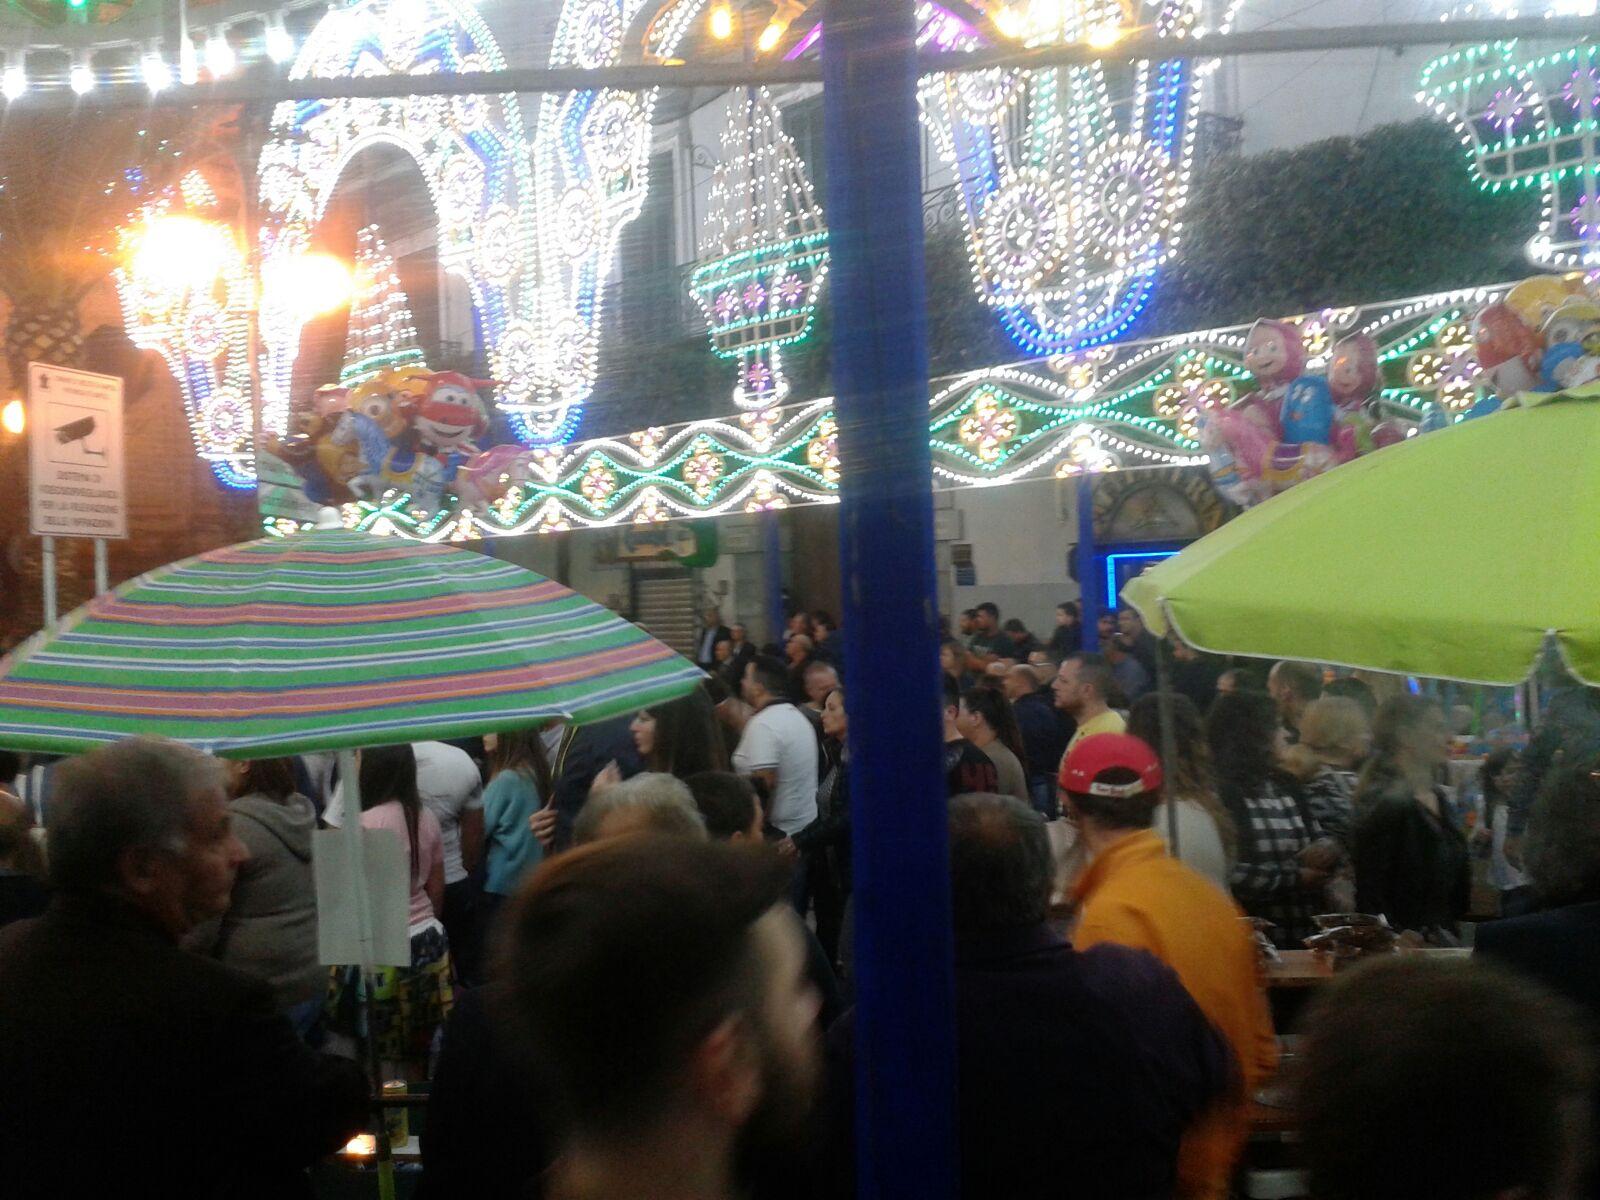 Melito festa patronale 2016 S.Stefano 14